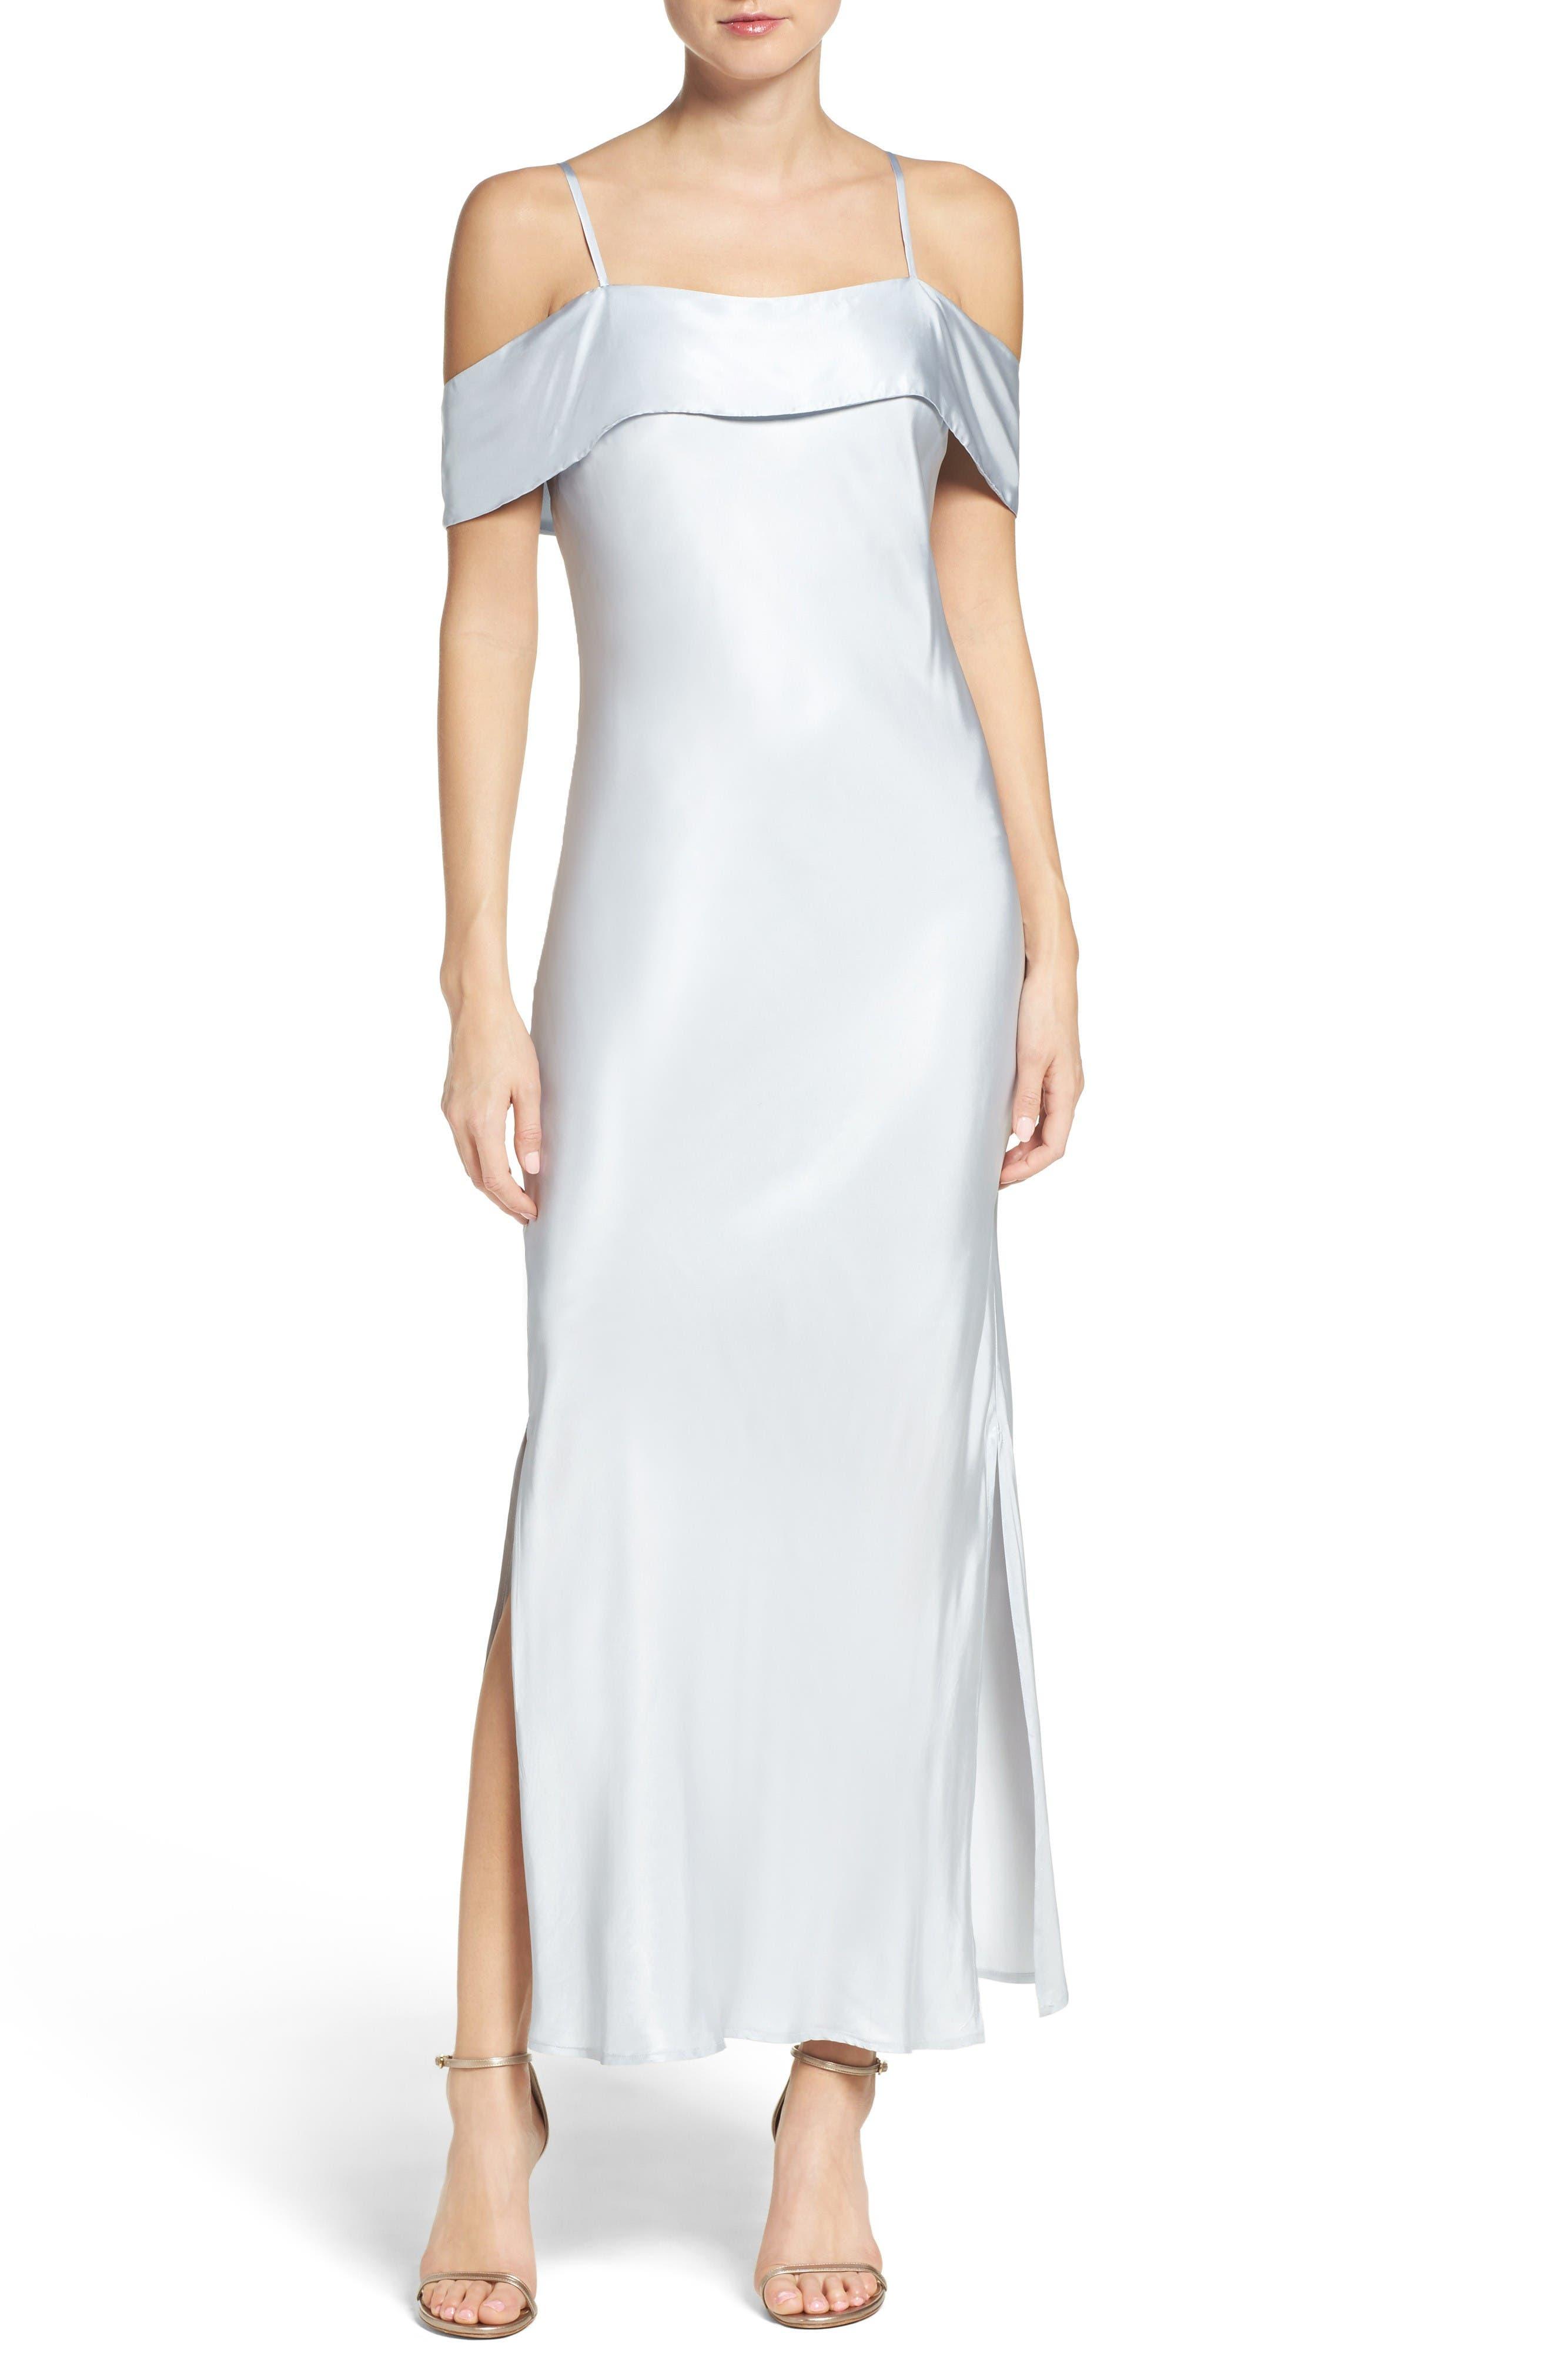 BARDOT Off the Shoulder Satin Dress